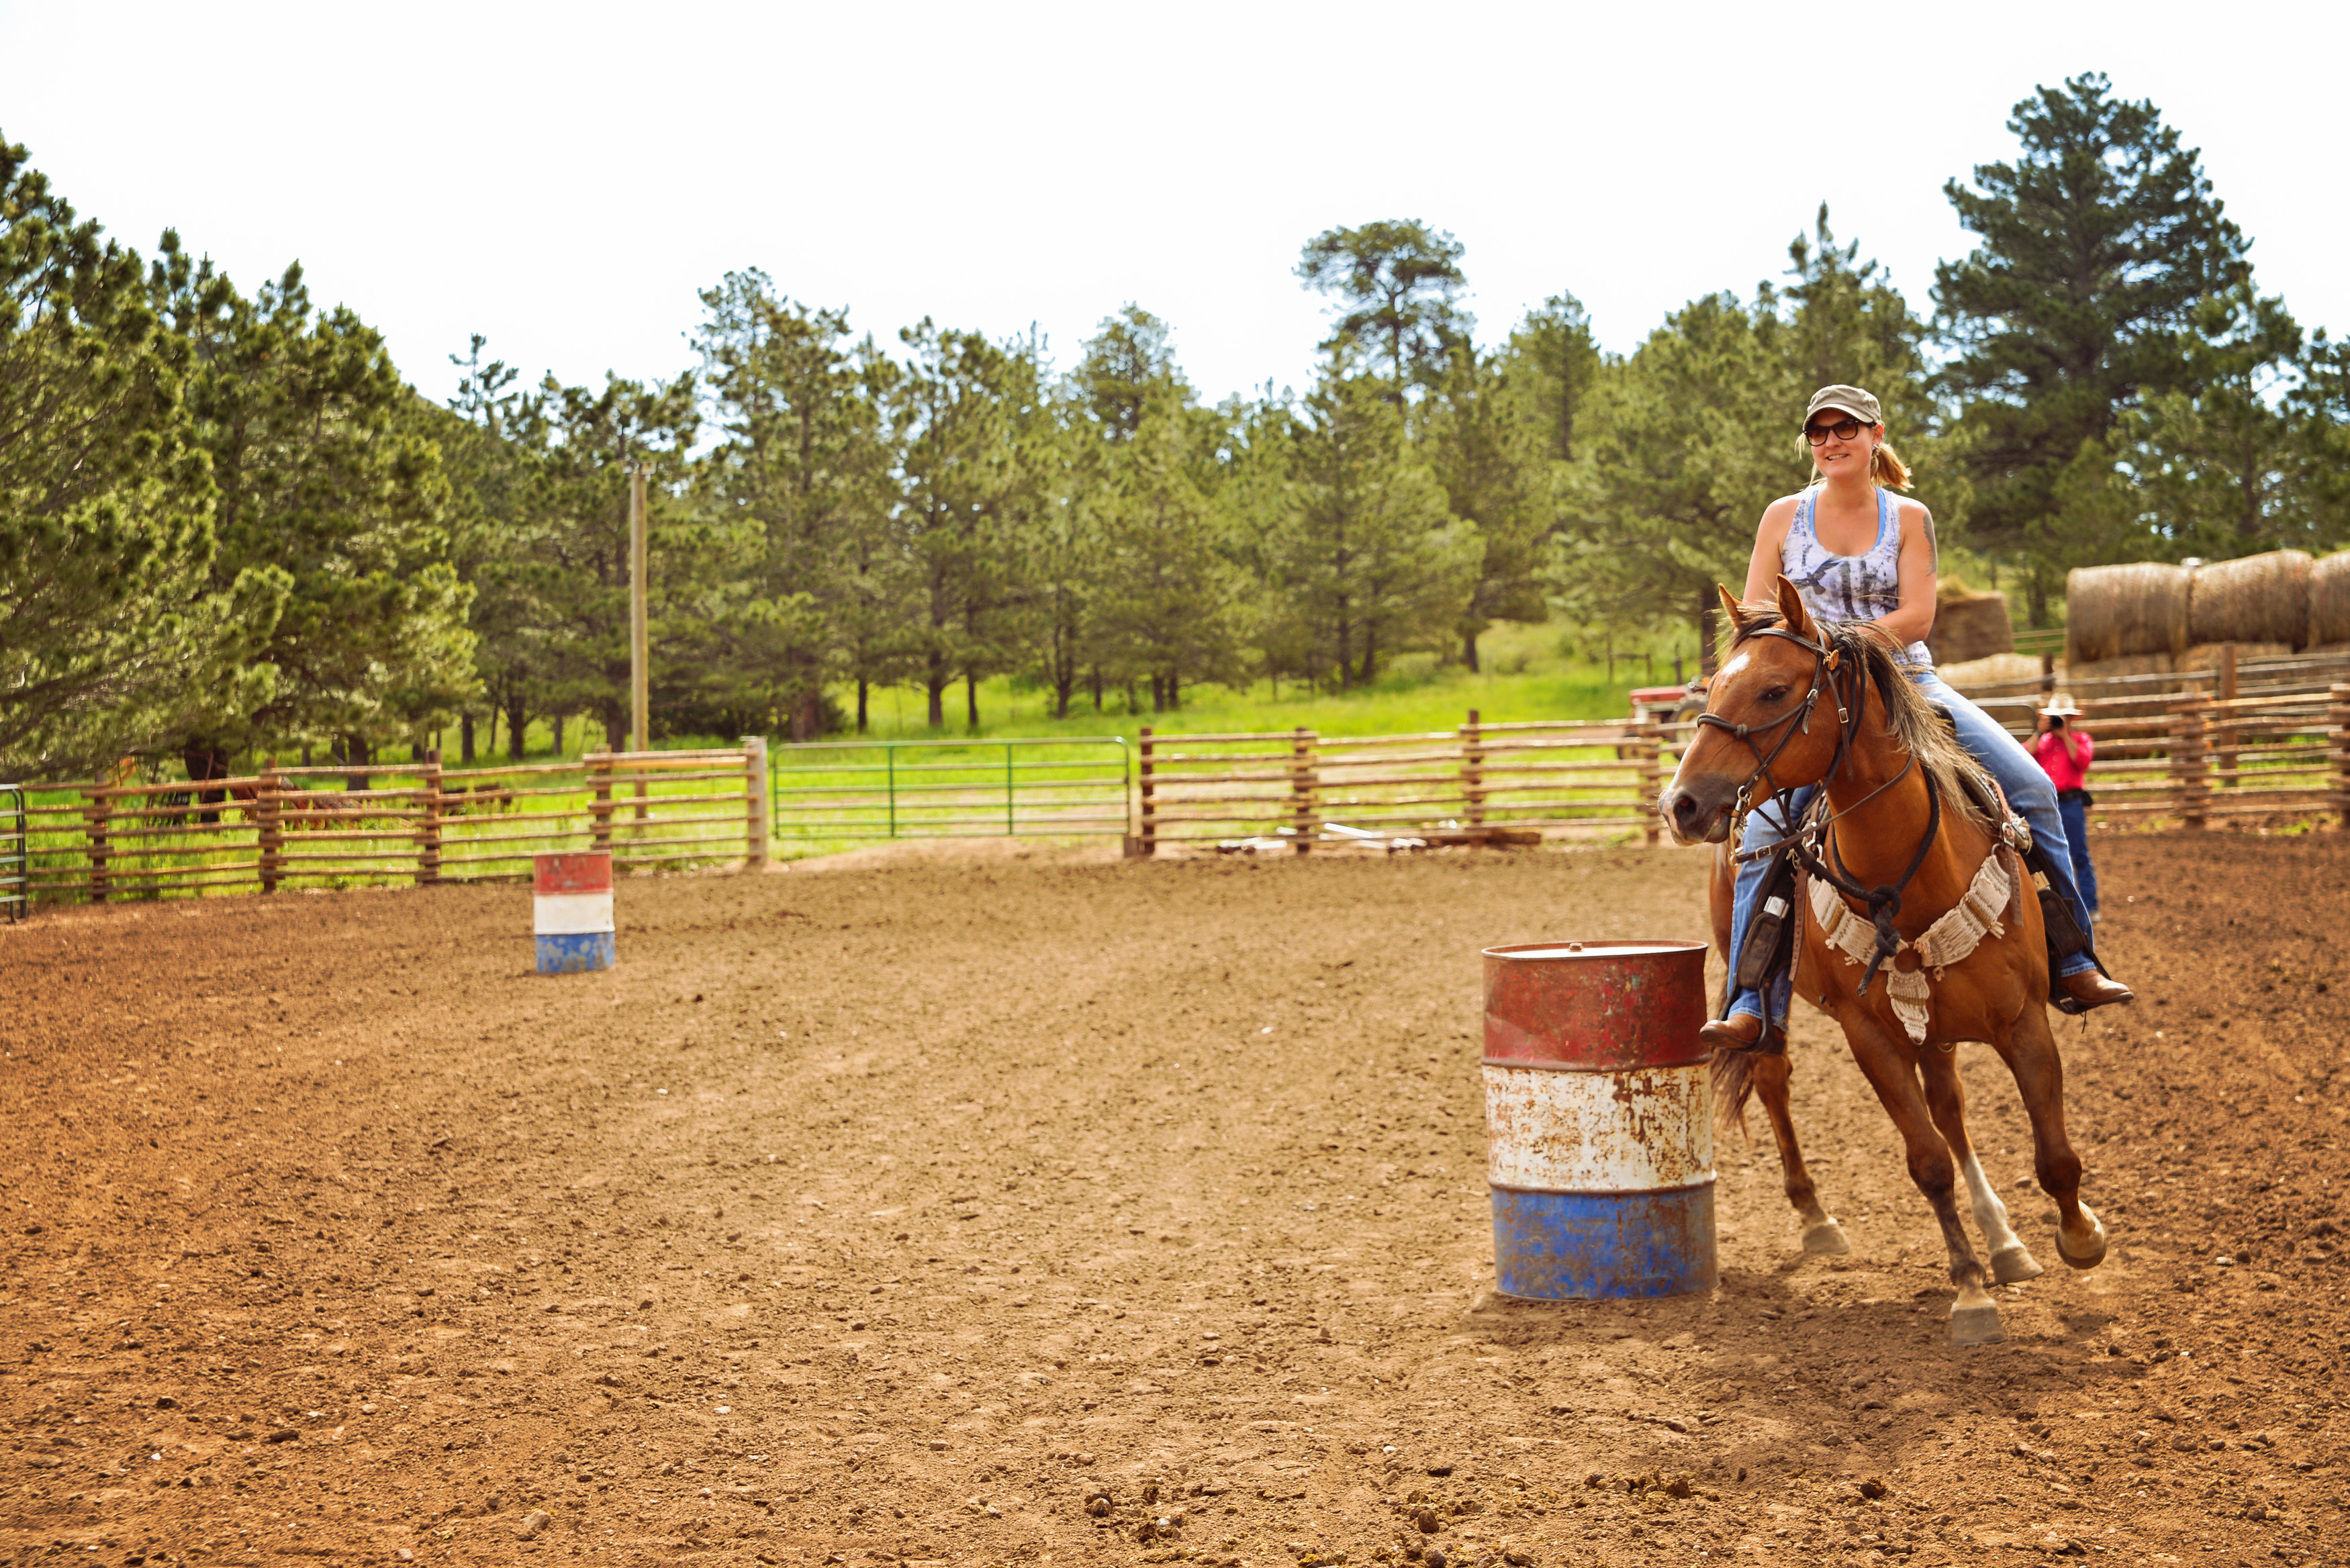 horse-racing-cherokee-park.jpg